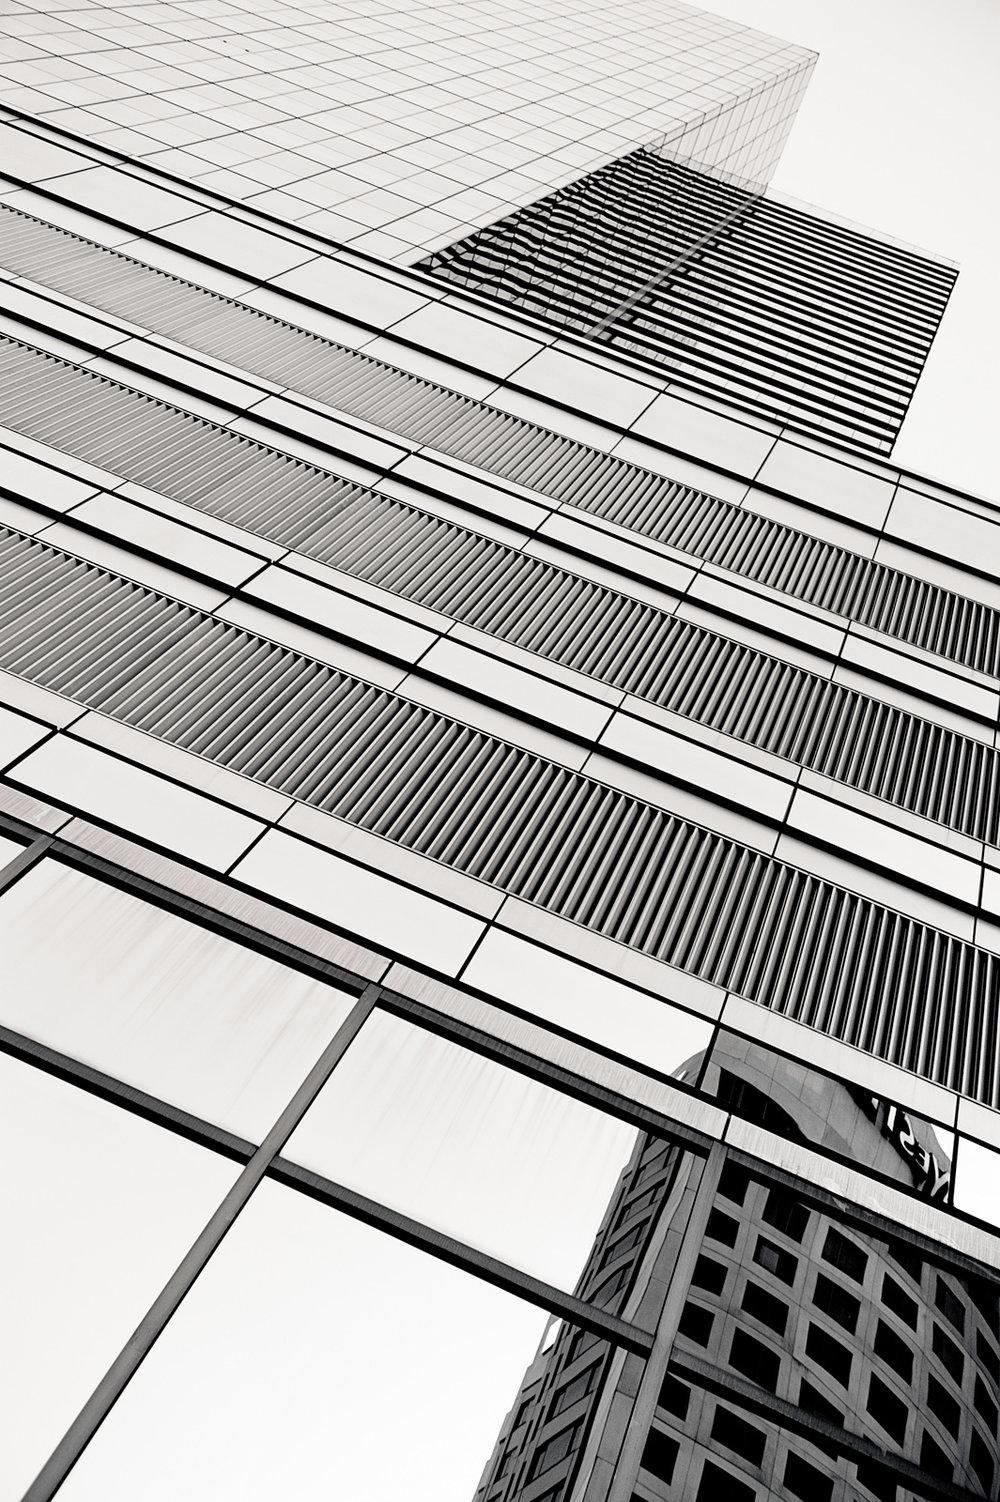 Fischer_T_midterm_photoshop_07.jpg